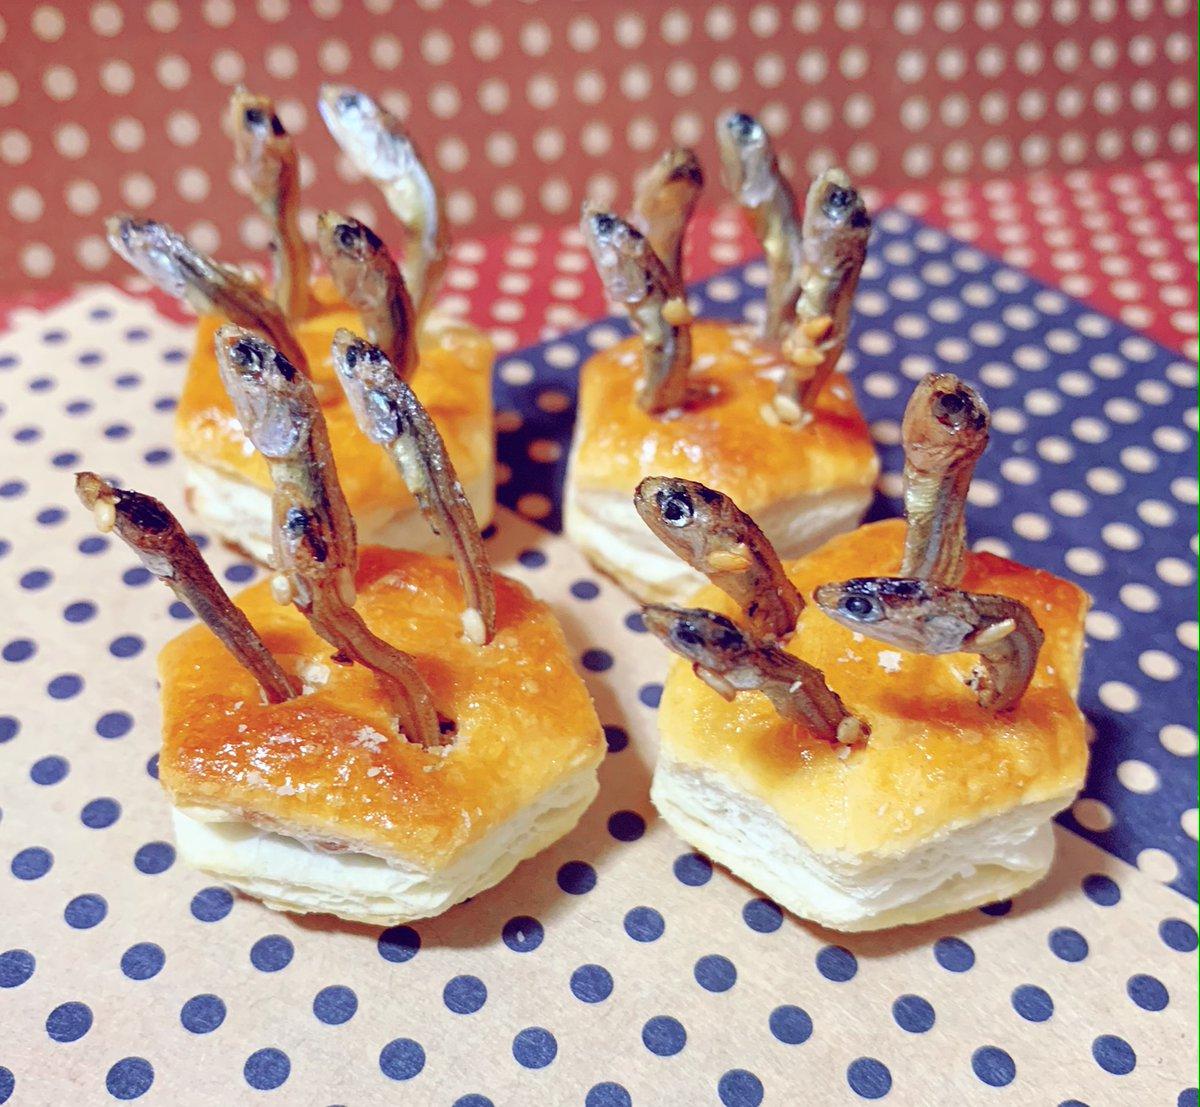 🇬🇧人に「みて!みて!スターゲイザーパイっ!」と、とっても素敵な笑顔で渡されたパイの実の成れの果てです( ˘ω˘ )